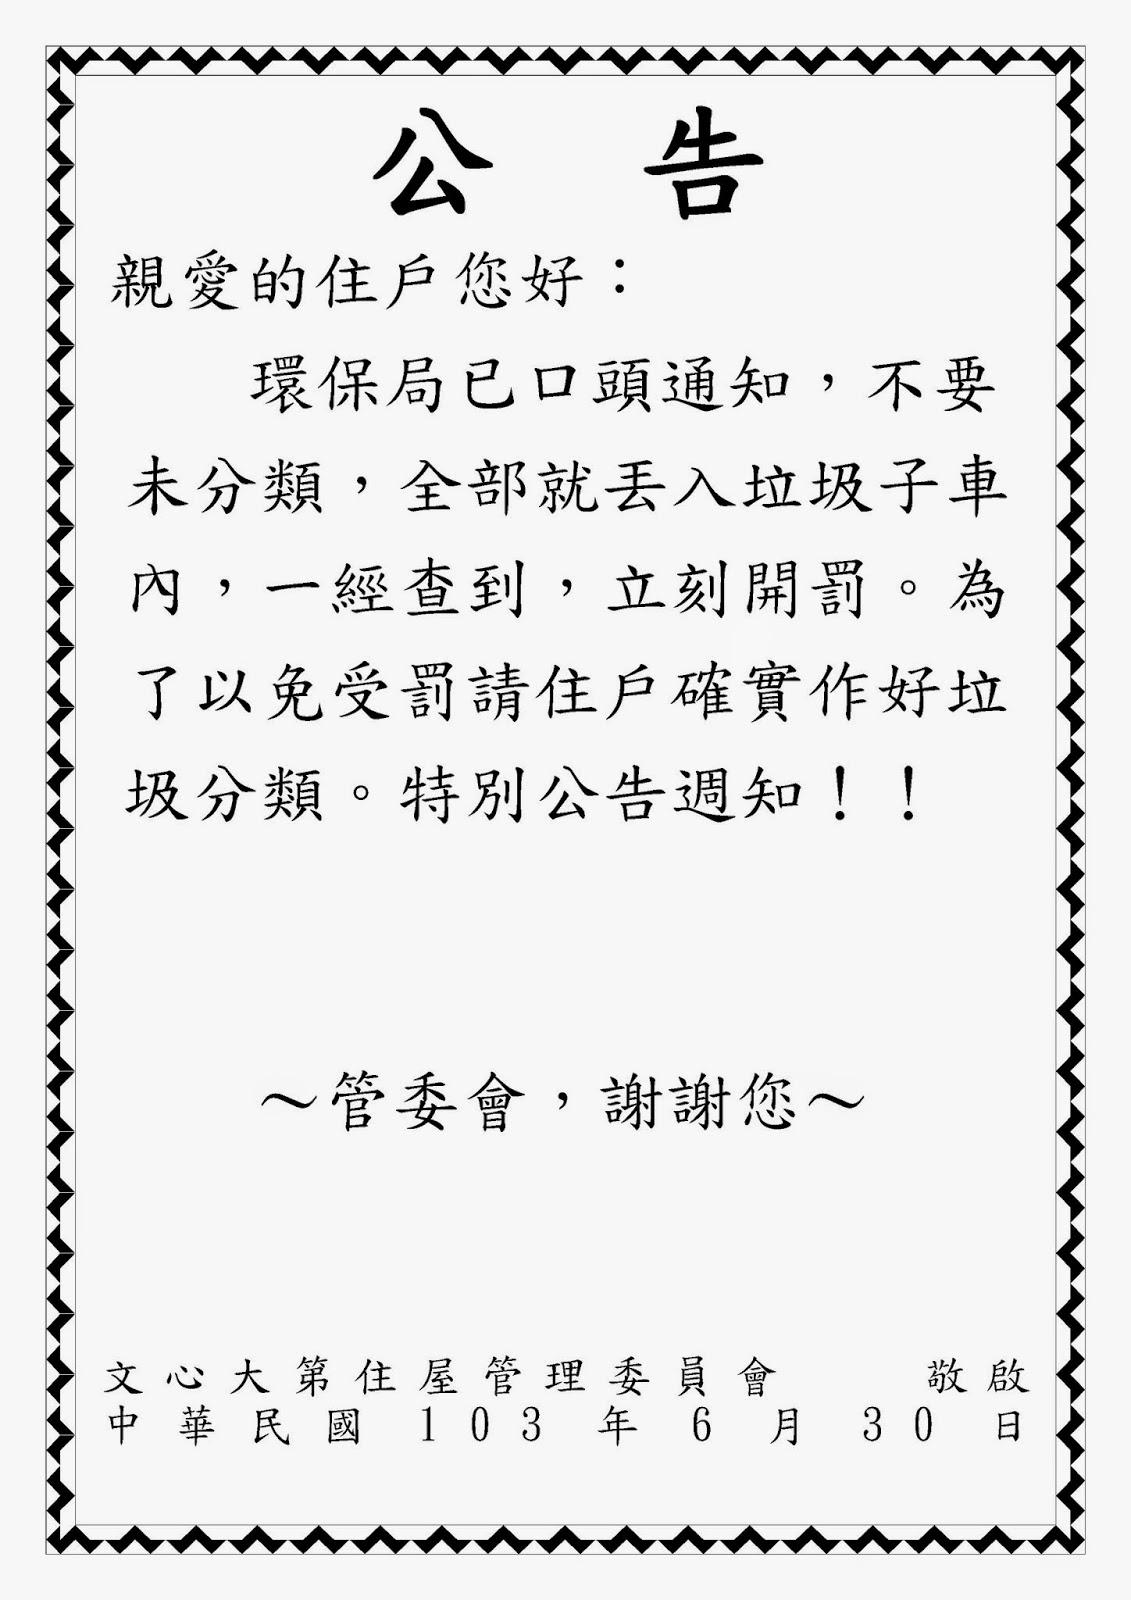 『文心大第 社區管理委員會』: 七月 2014